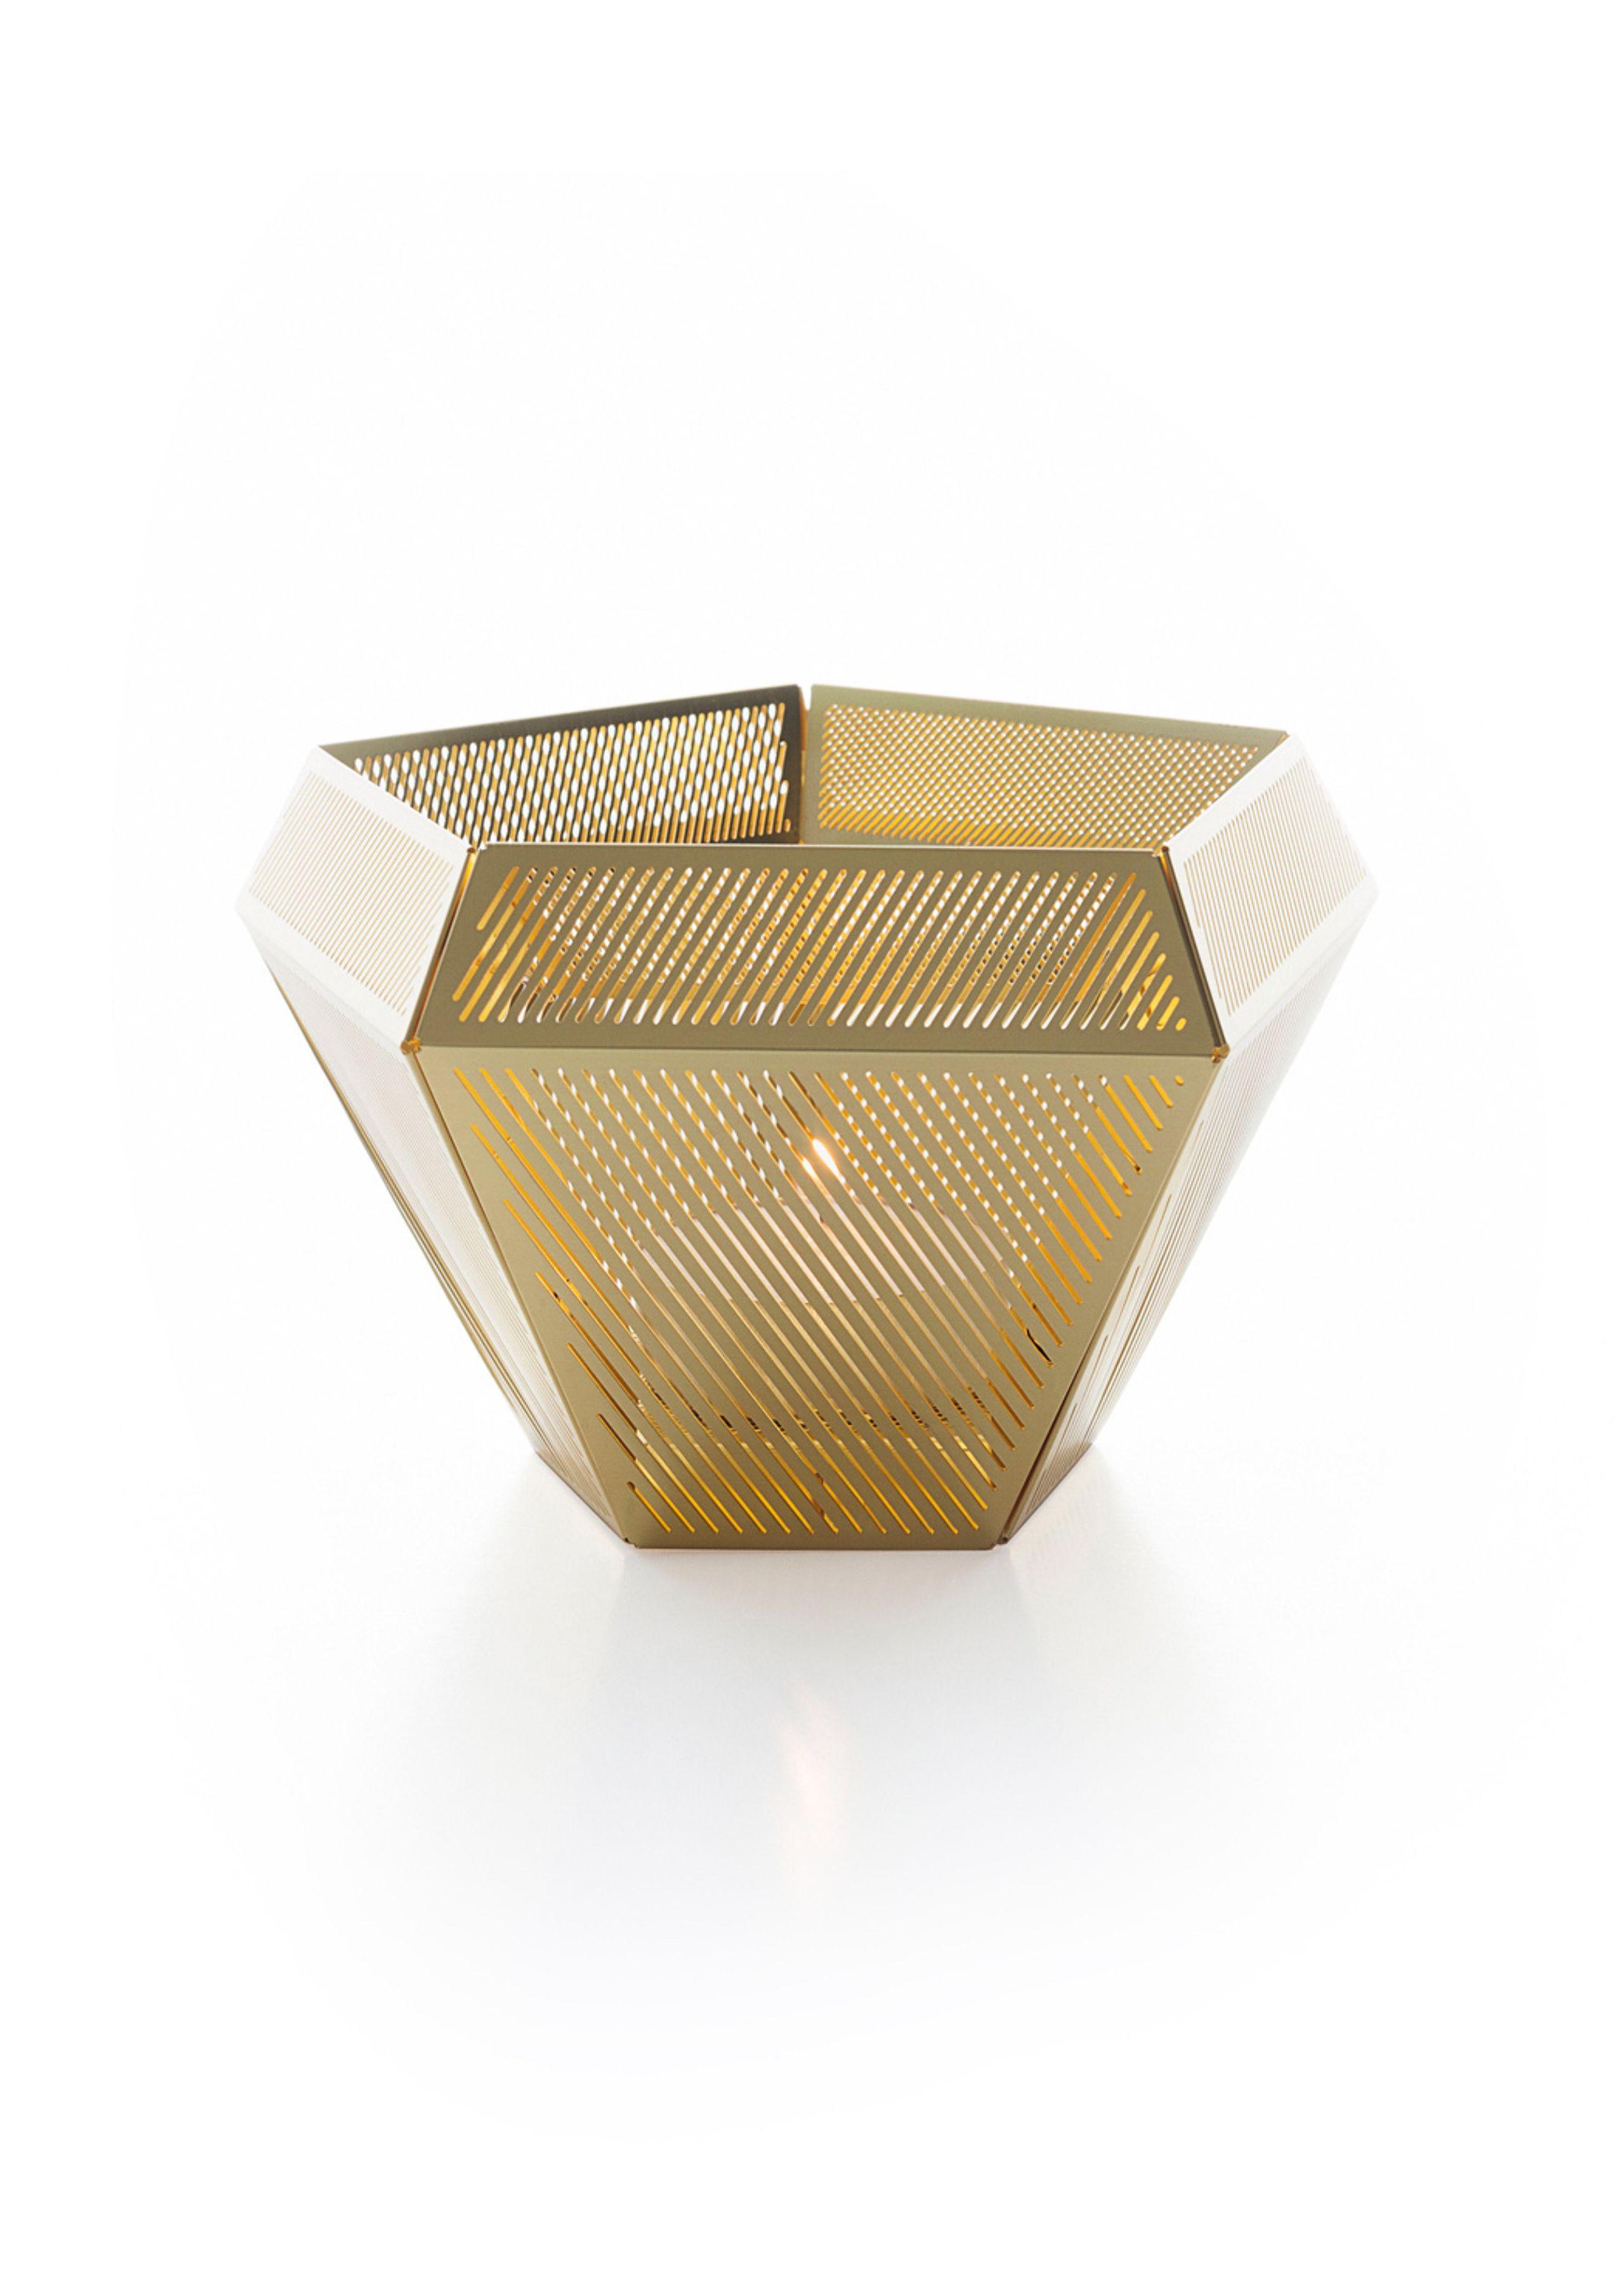 Cell light holder